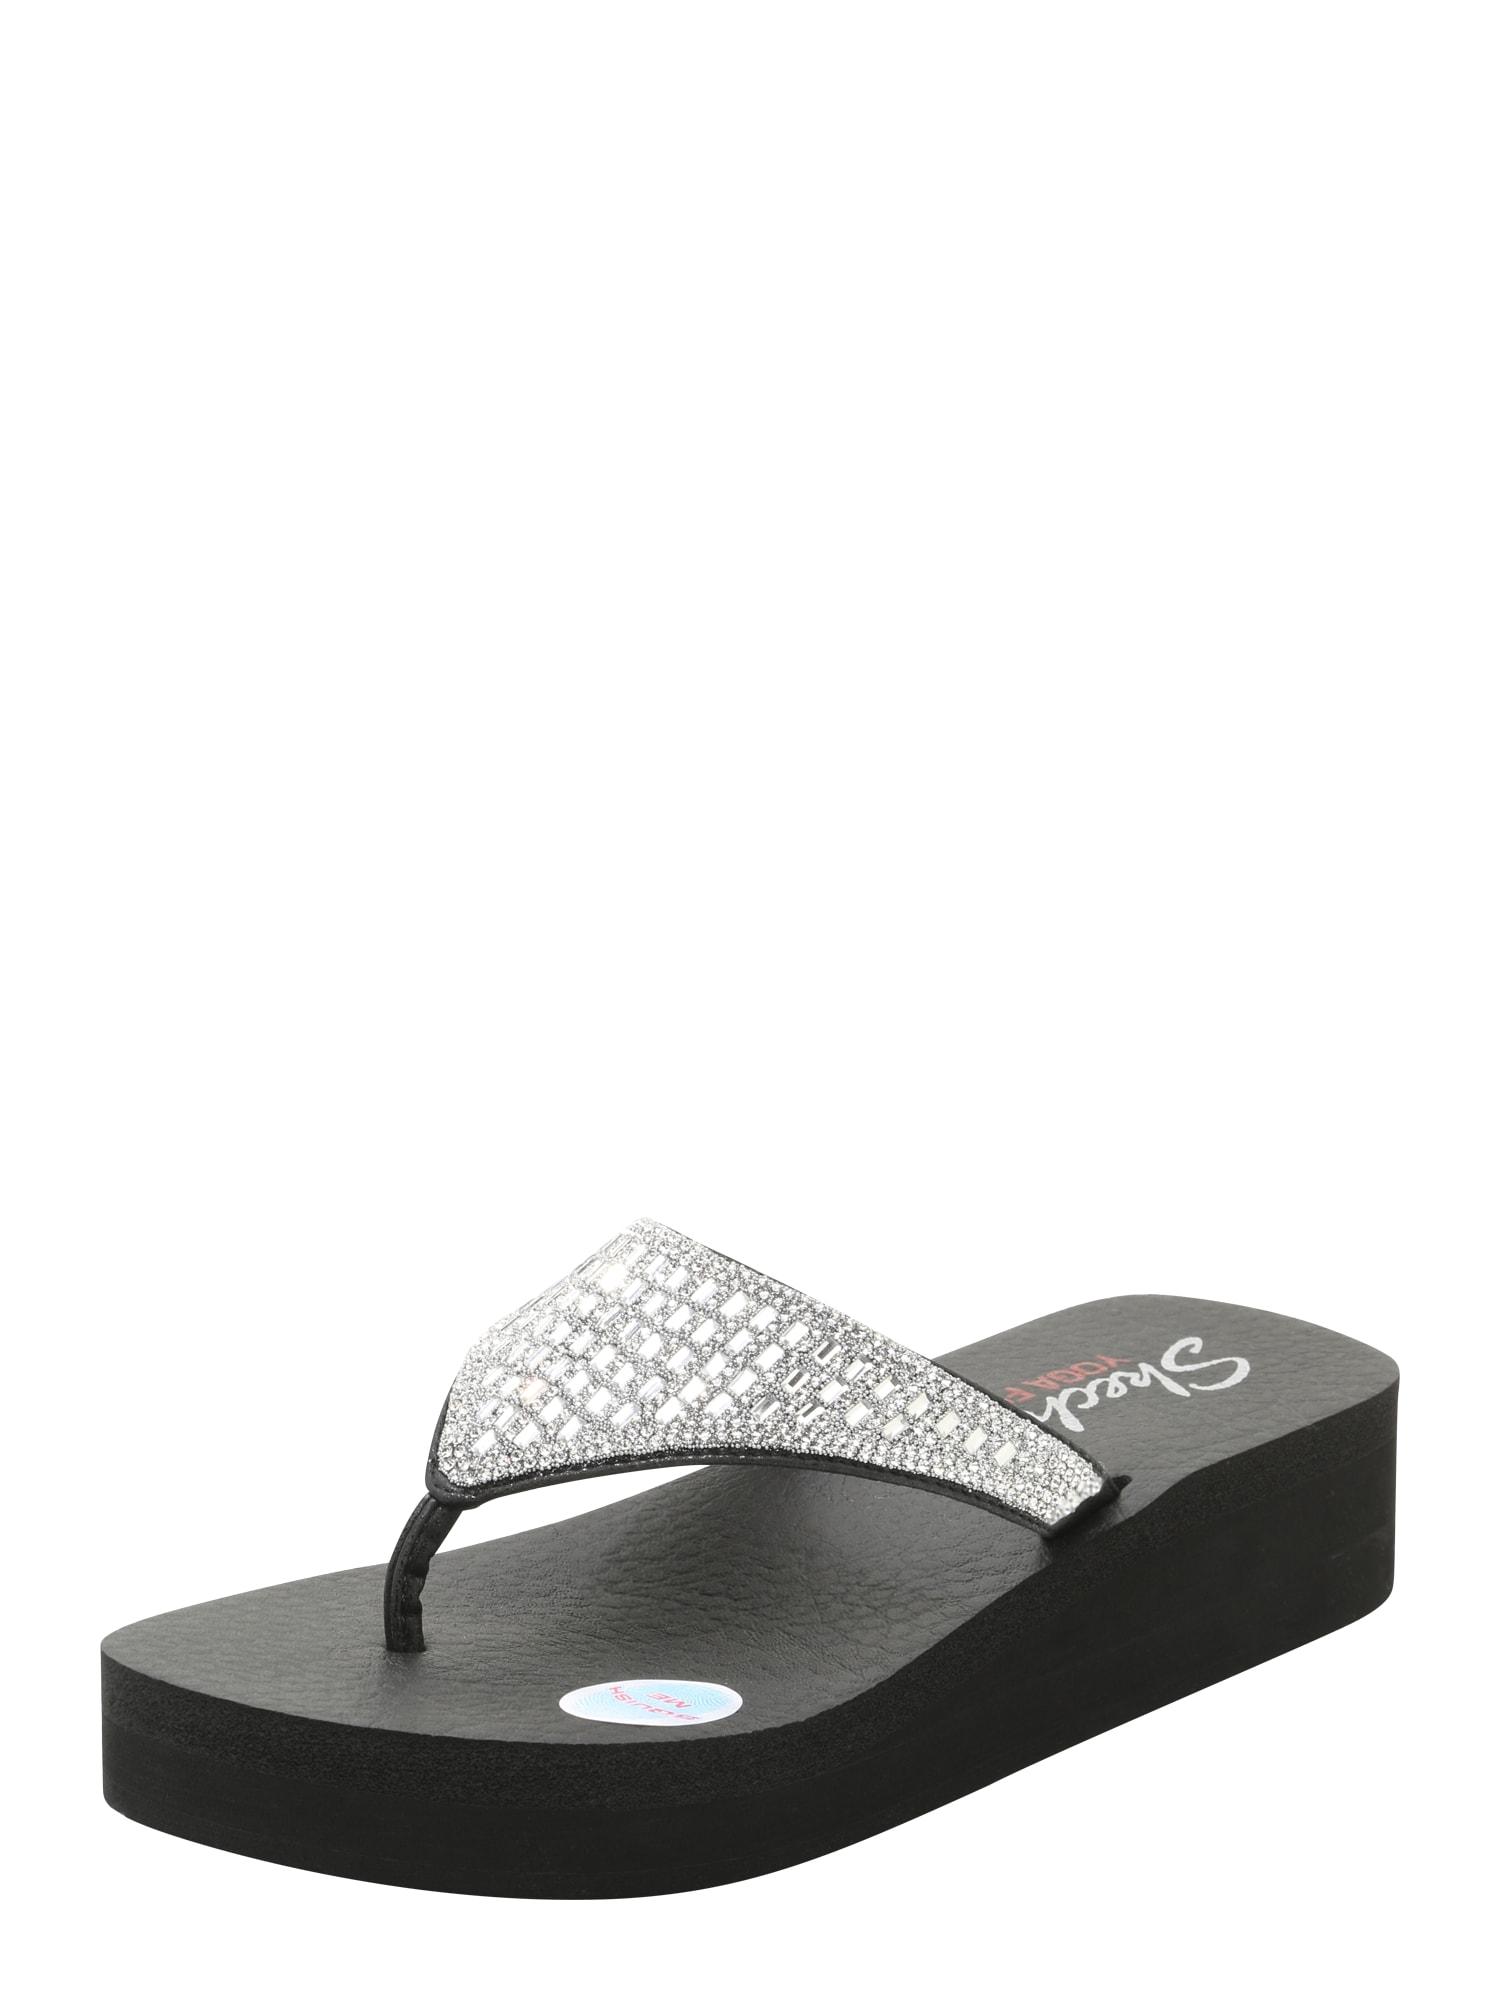 Žabky Hooded Caviar Rhinestone černá stříbrná SKECHERS